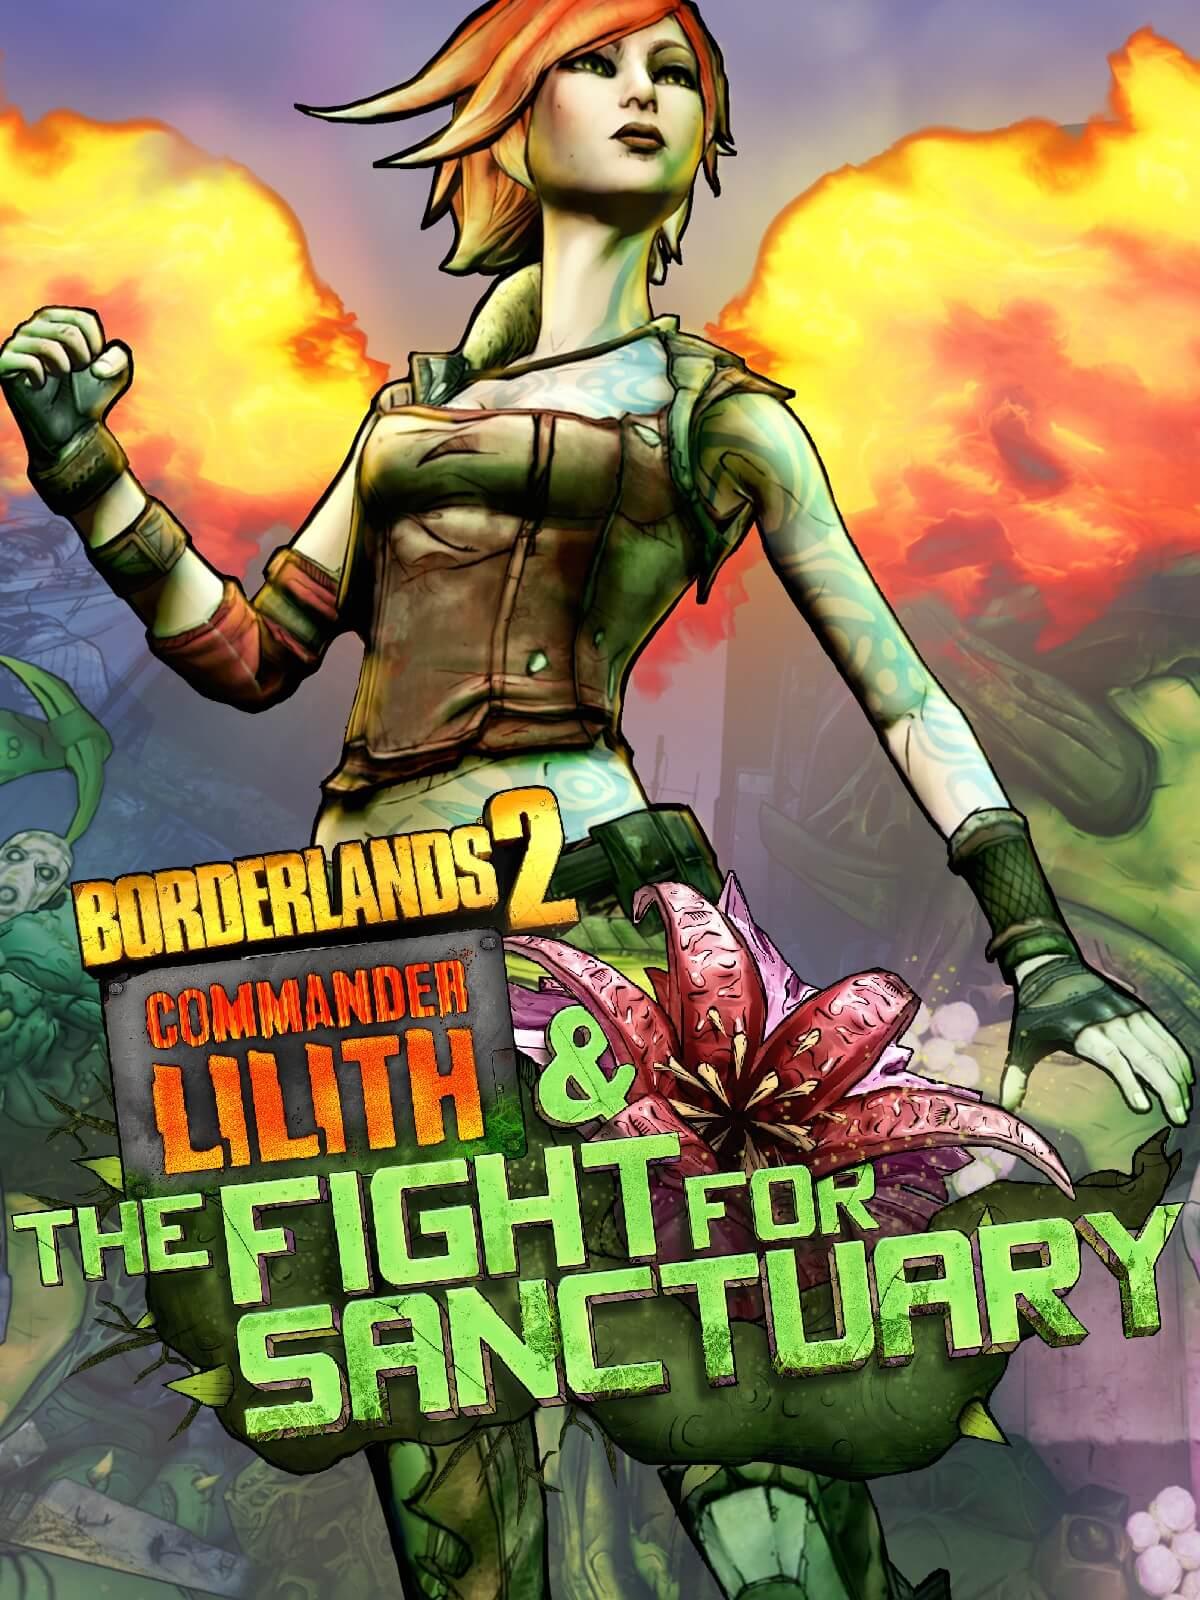 Commander Lilith & der Kampf um Sanctuary DLC für Borderlands 2 (PC) gratis im Epic Store